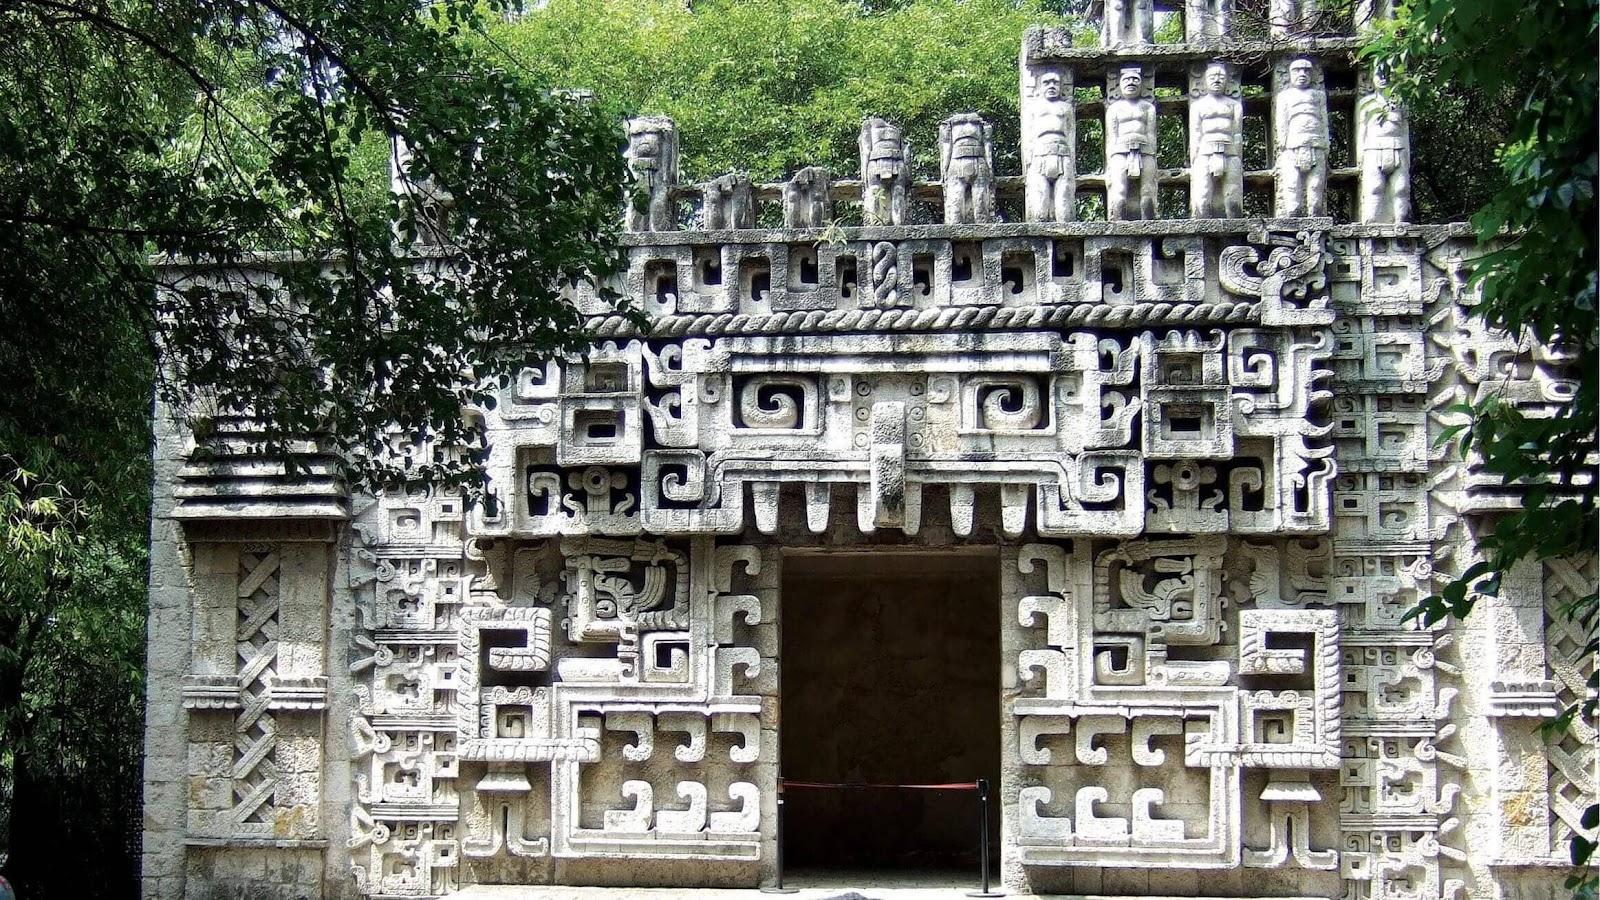 Un edificio antiguo  Descripción generada automáticamente con confianza media